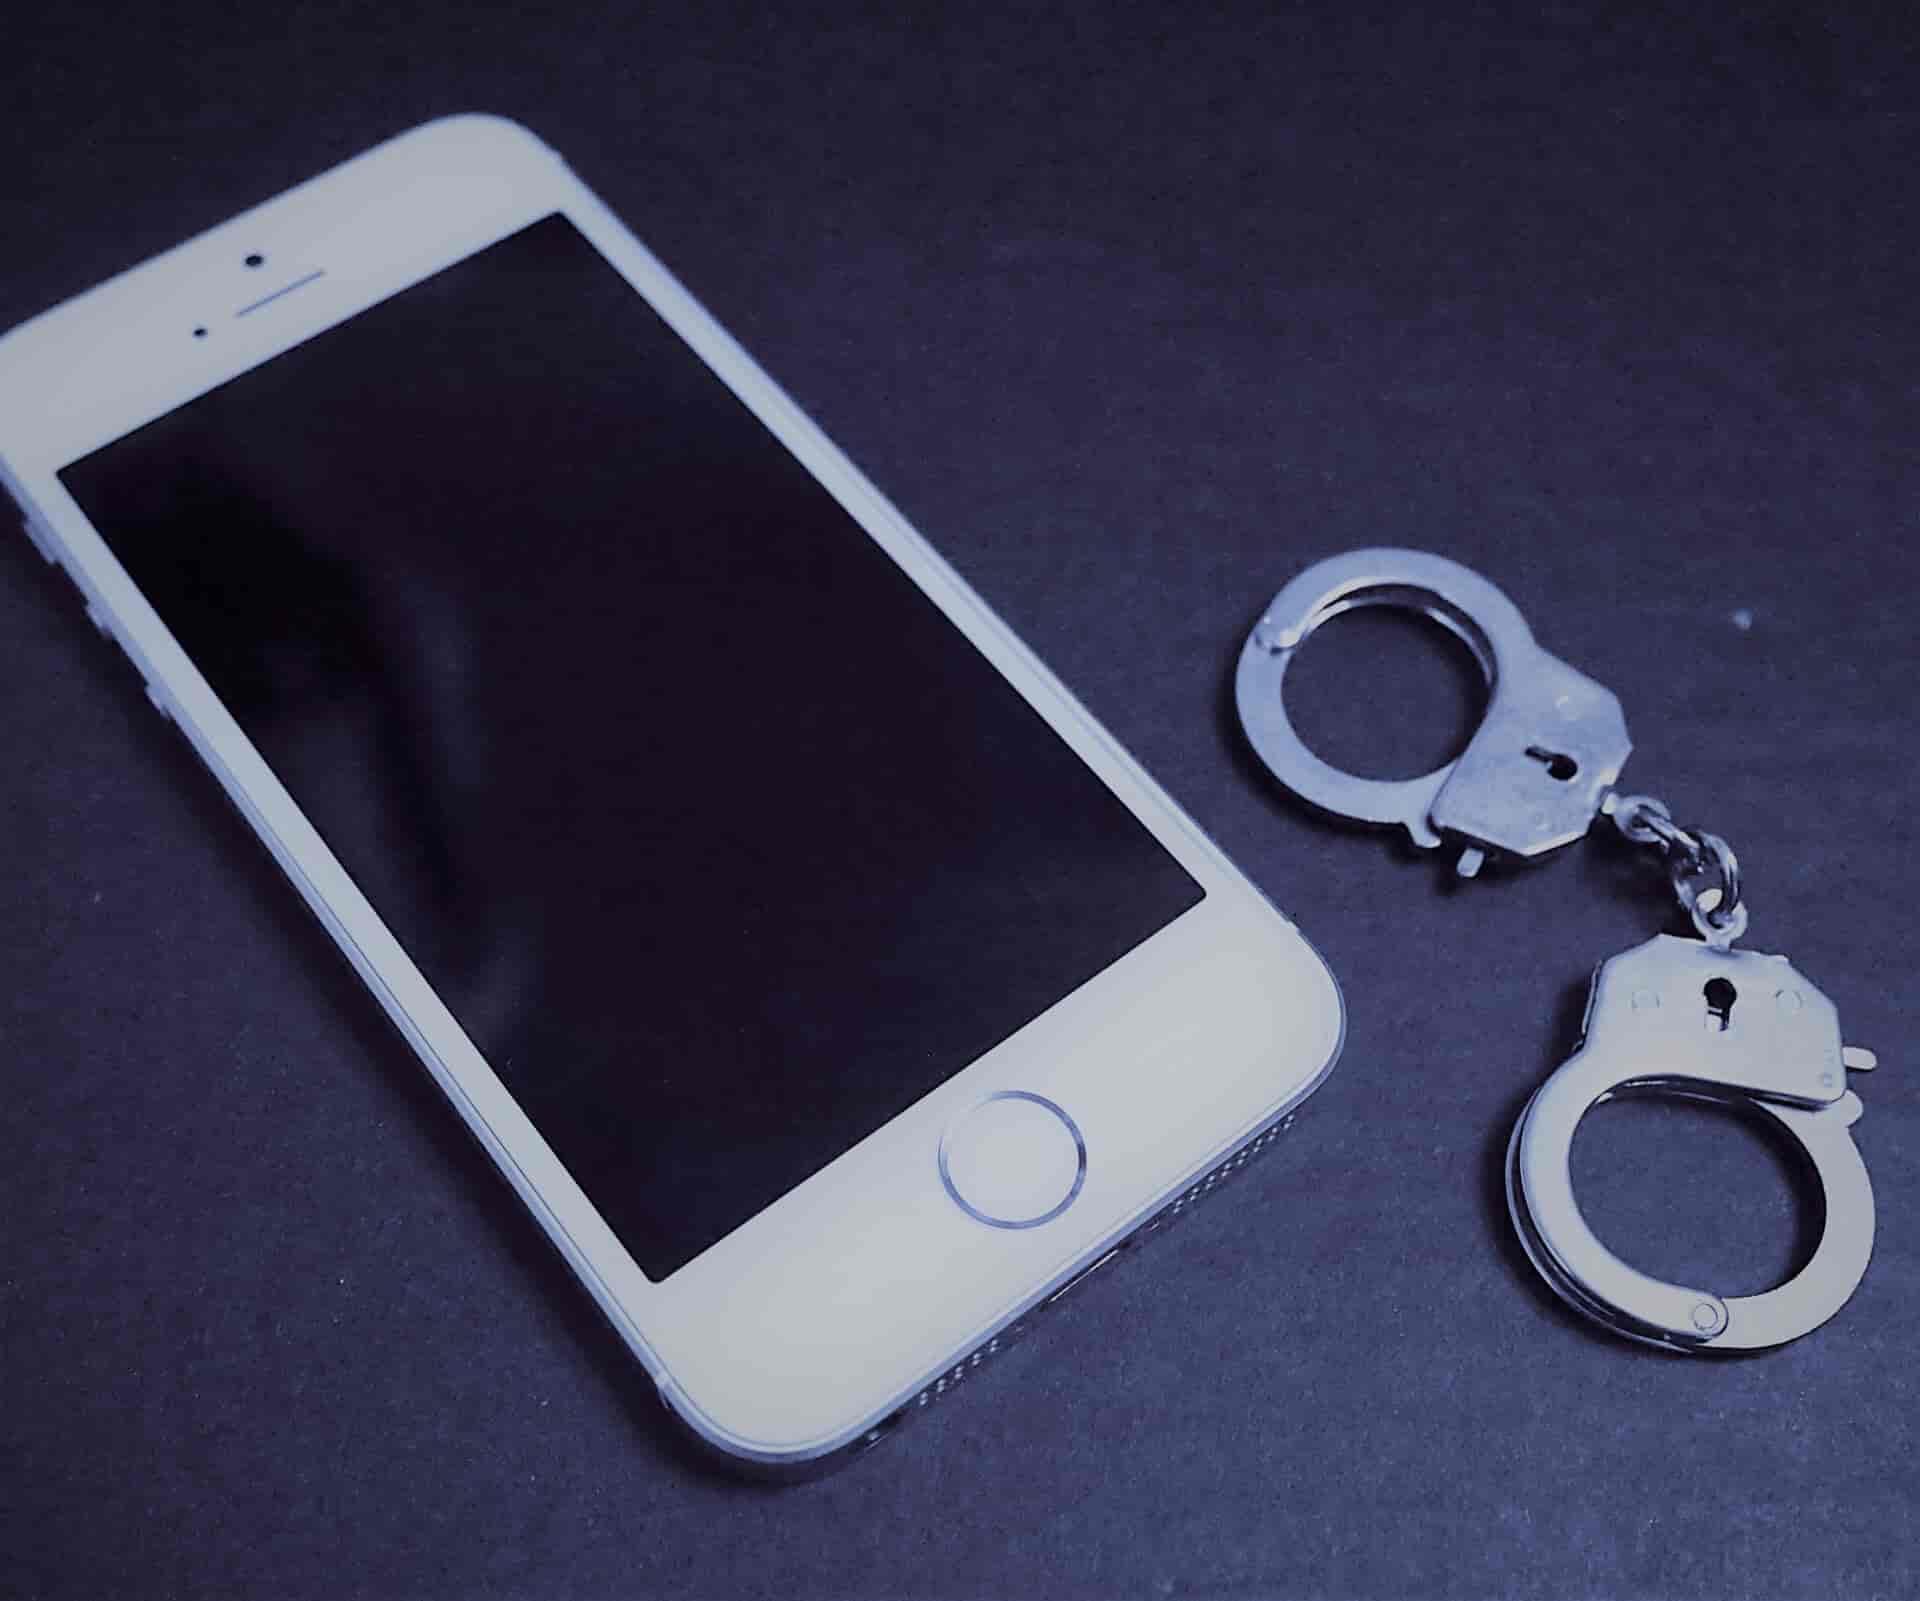 大阪半年間で15000回の110番通報をした女を逮捕